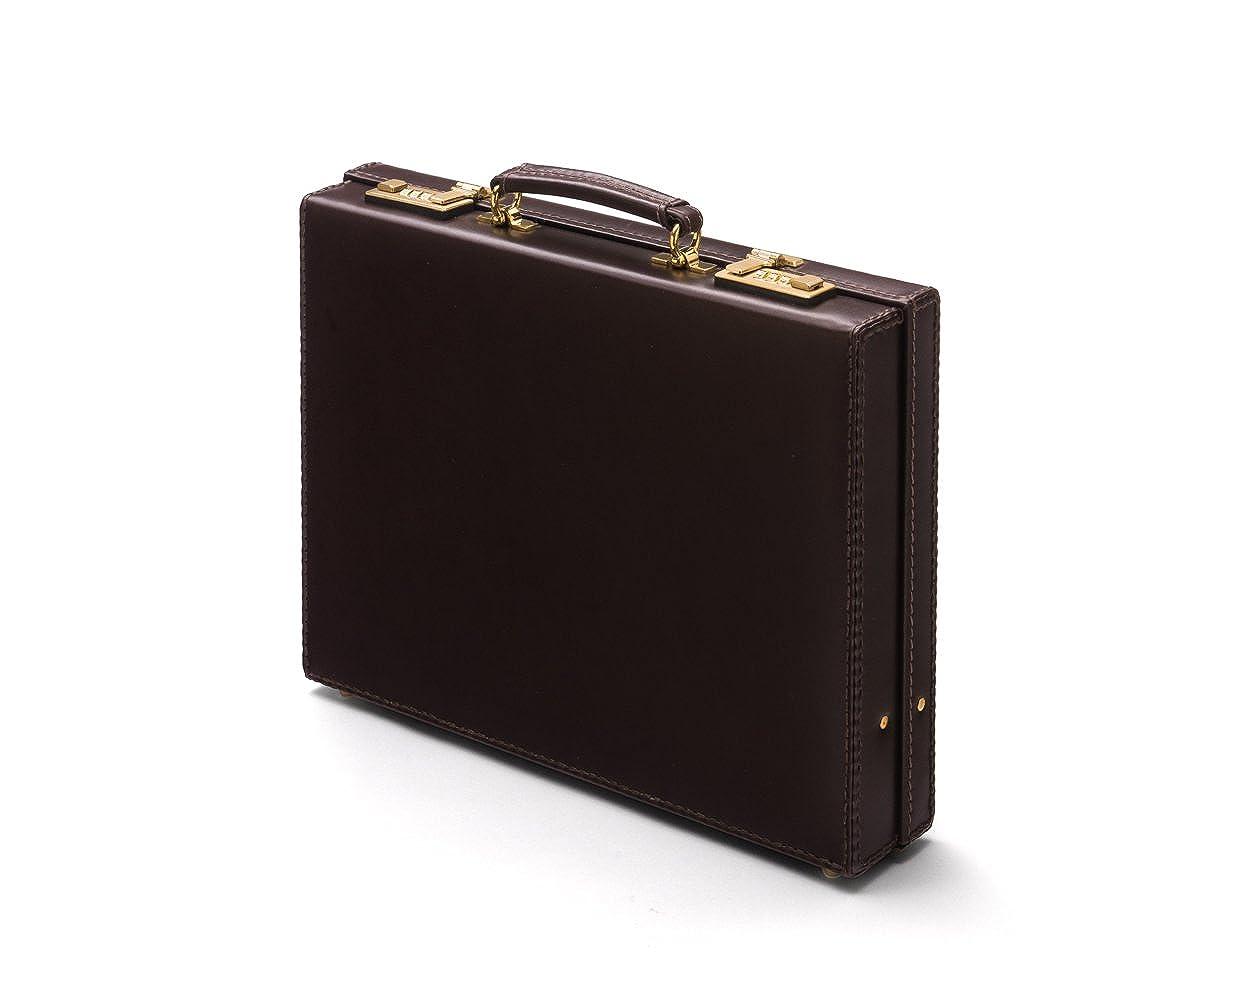 SAGEBROWN Brown Small Kensington Attache Briefcase  Amazon.co.uk  Clothing b6394eba89